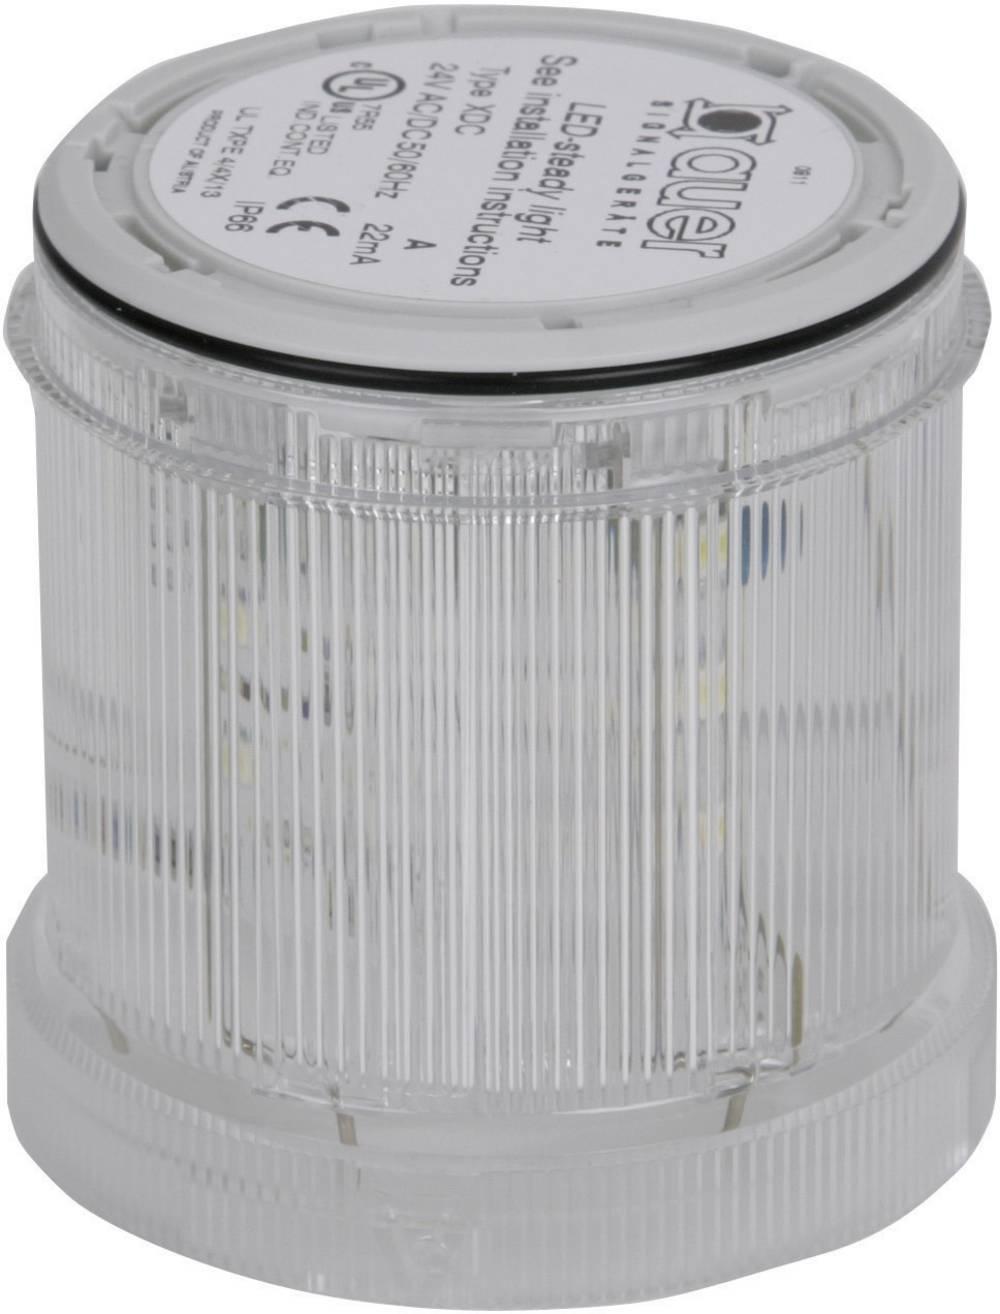 Signalni svetlobni modul Auer Signalgeräte XDC jasna neprekinjena luč 24 V/DC, 24 V/AC